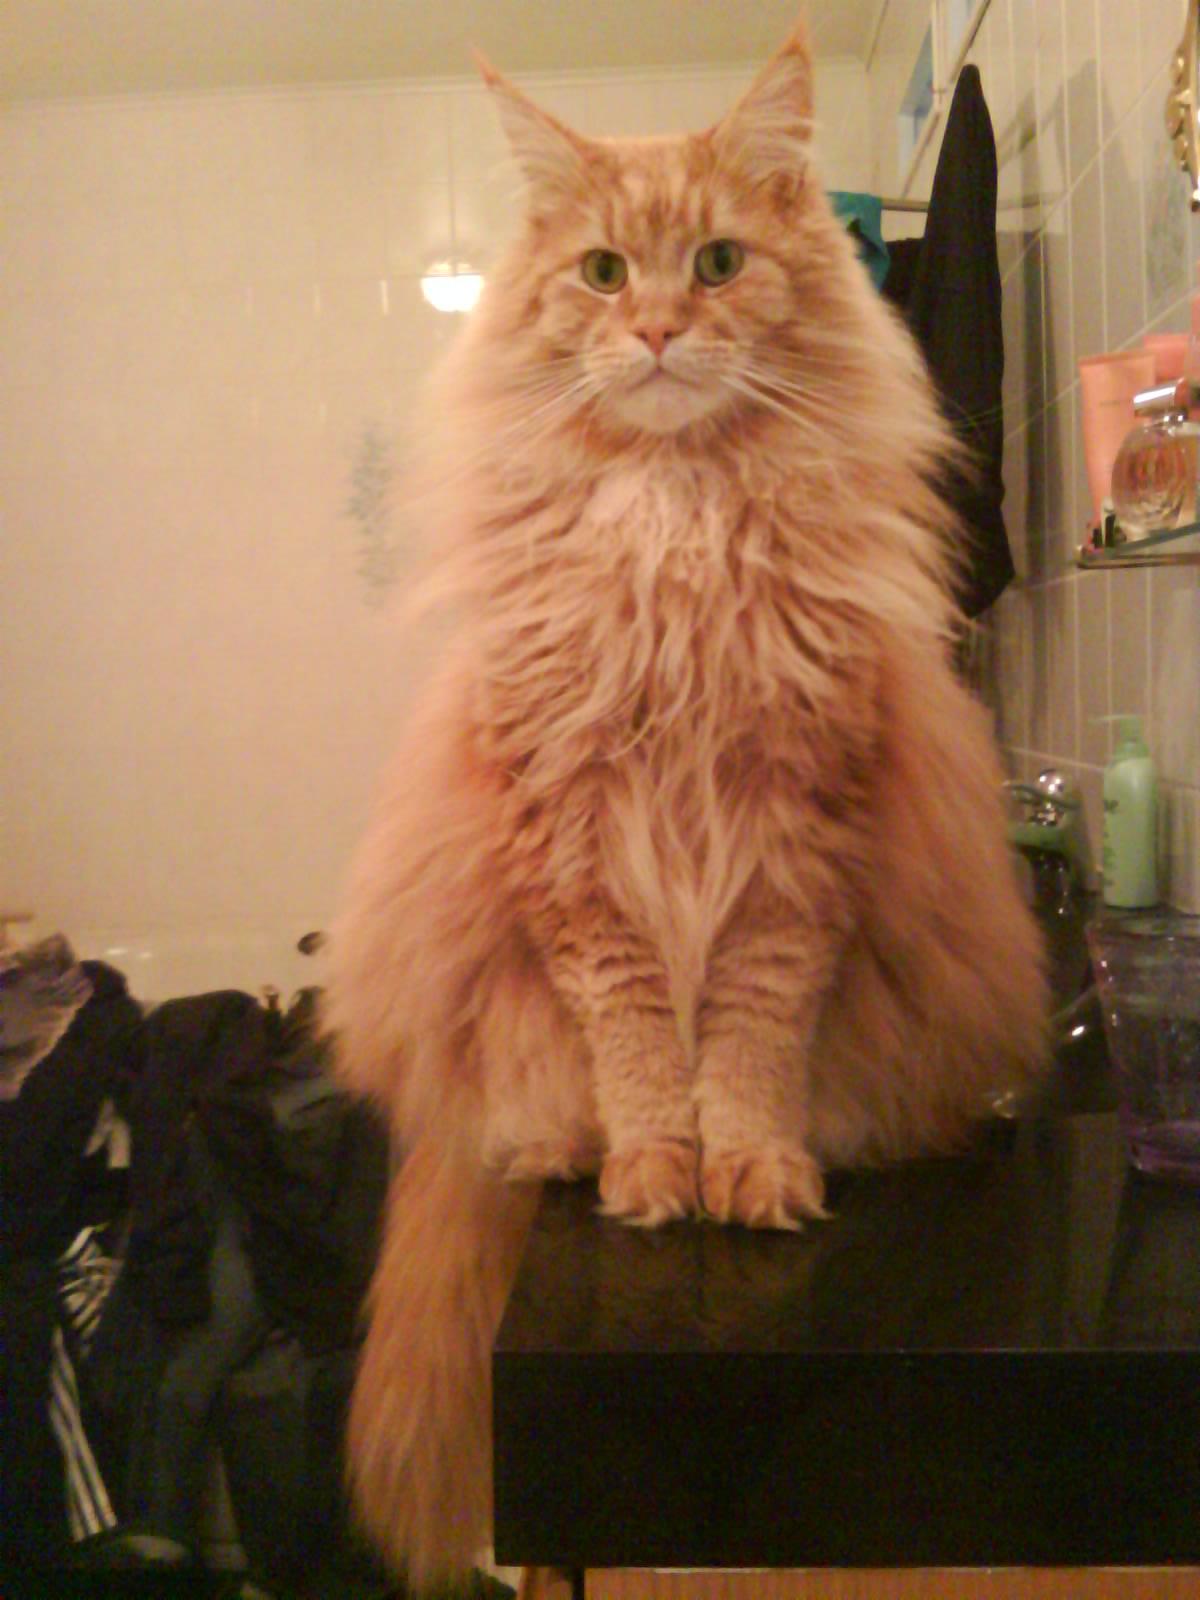 Zammy vill ha frukost nu!